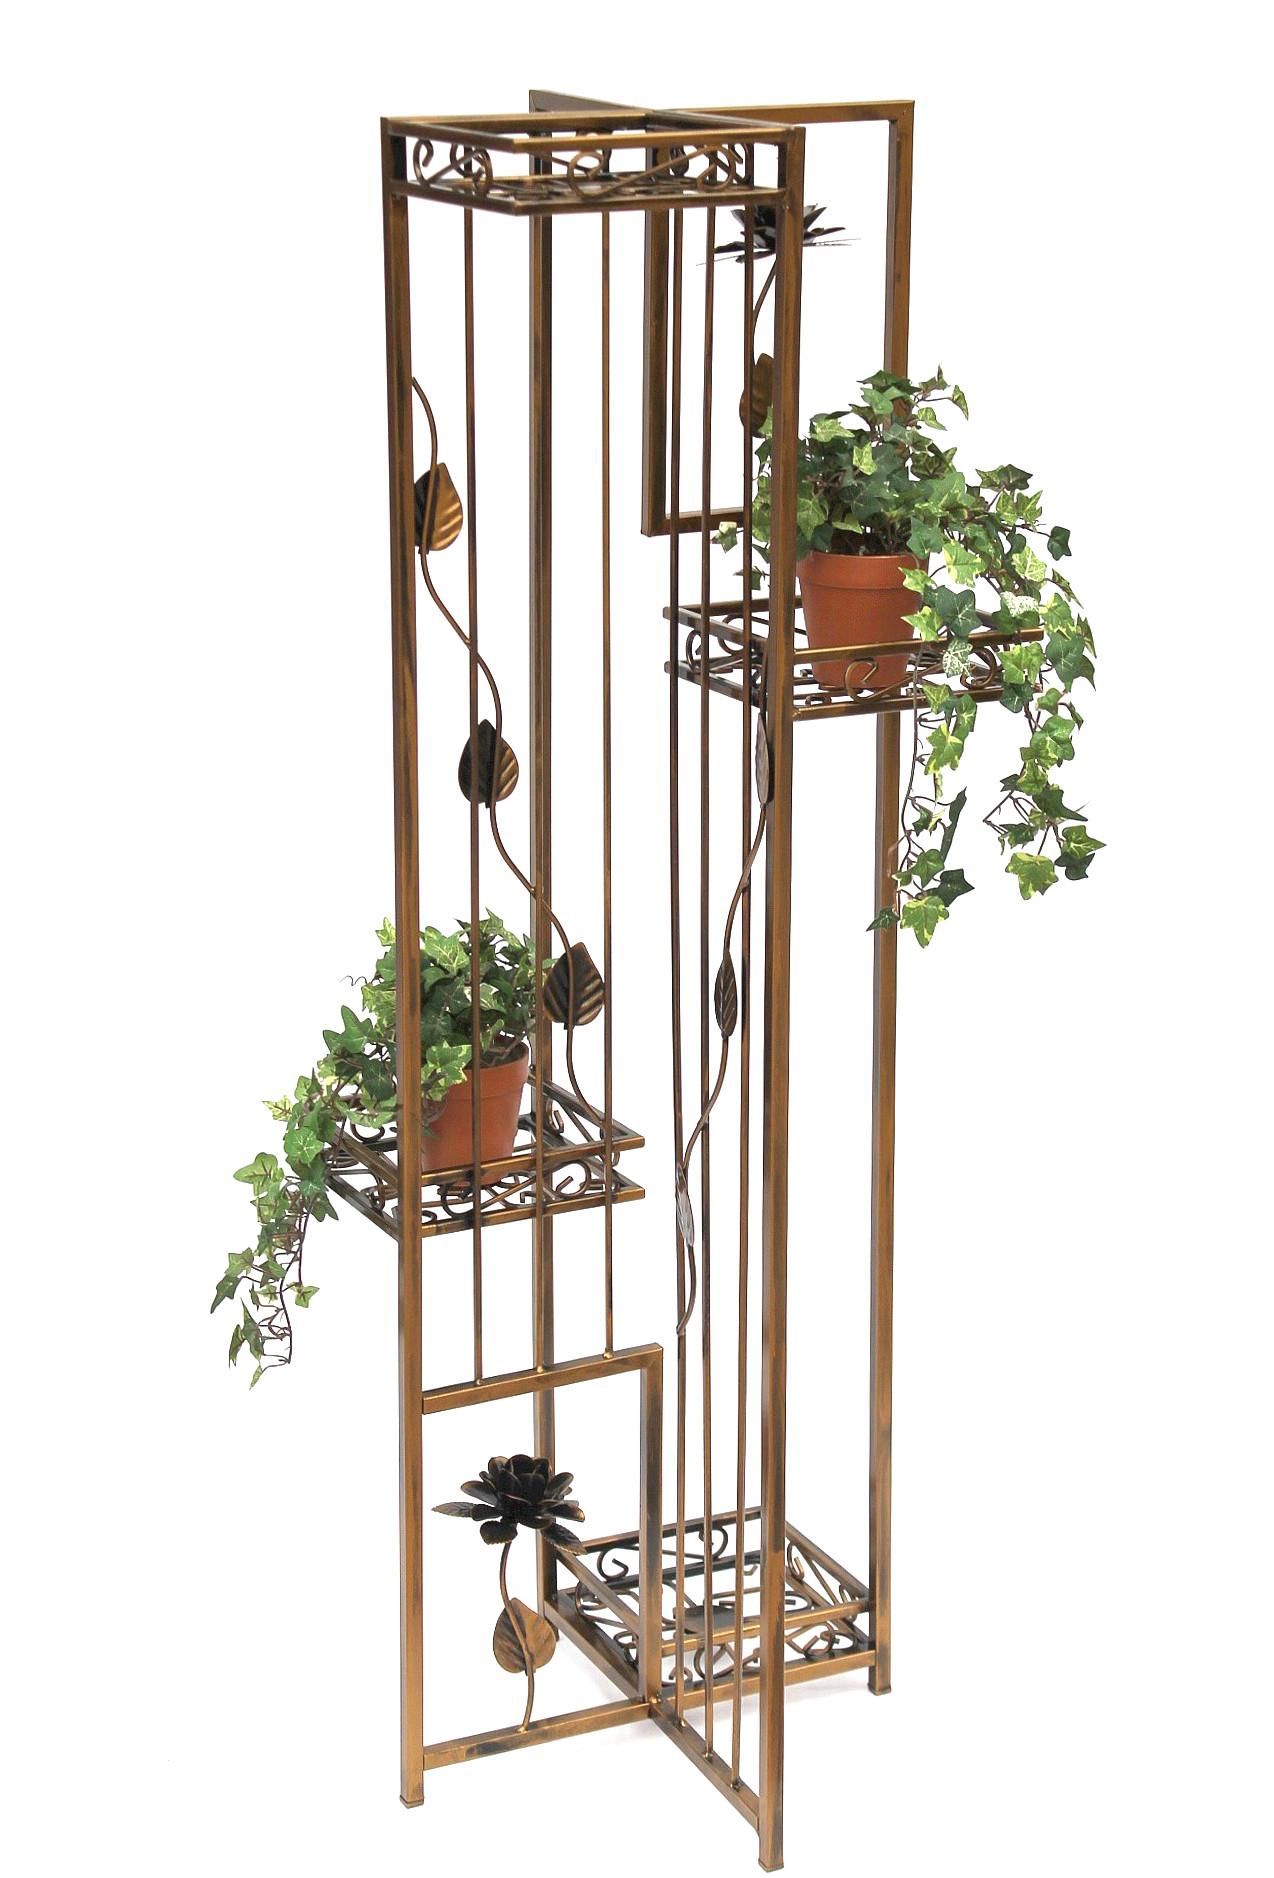 blumenregal blumentreppe sehr stabil und dekorativ aus metall geschmiedet und aufw ndig. Black Bedroom Furniture Sets. Home Design Ideas